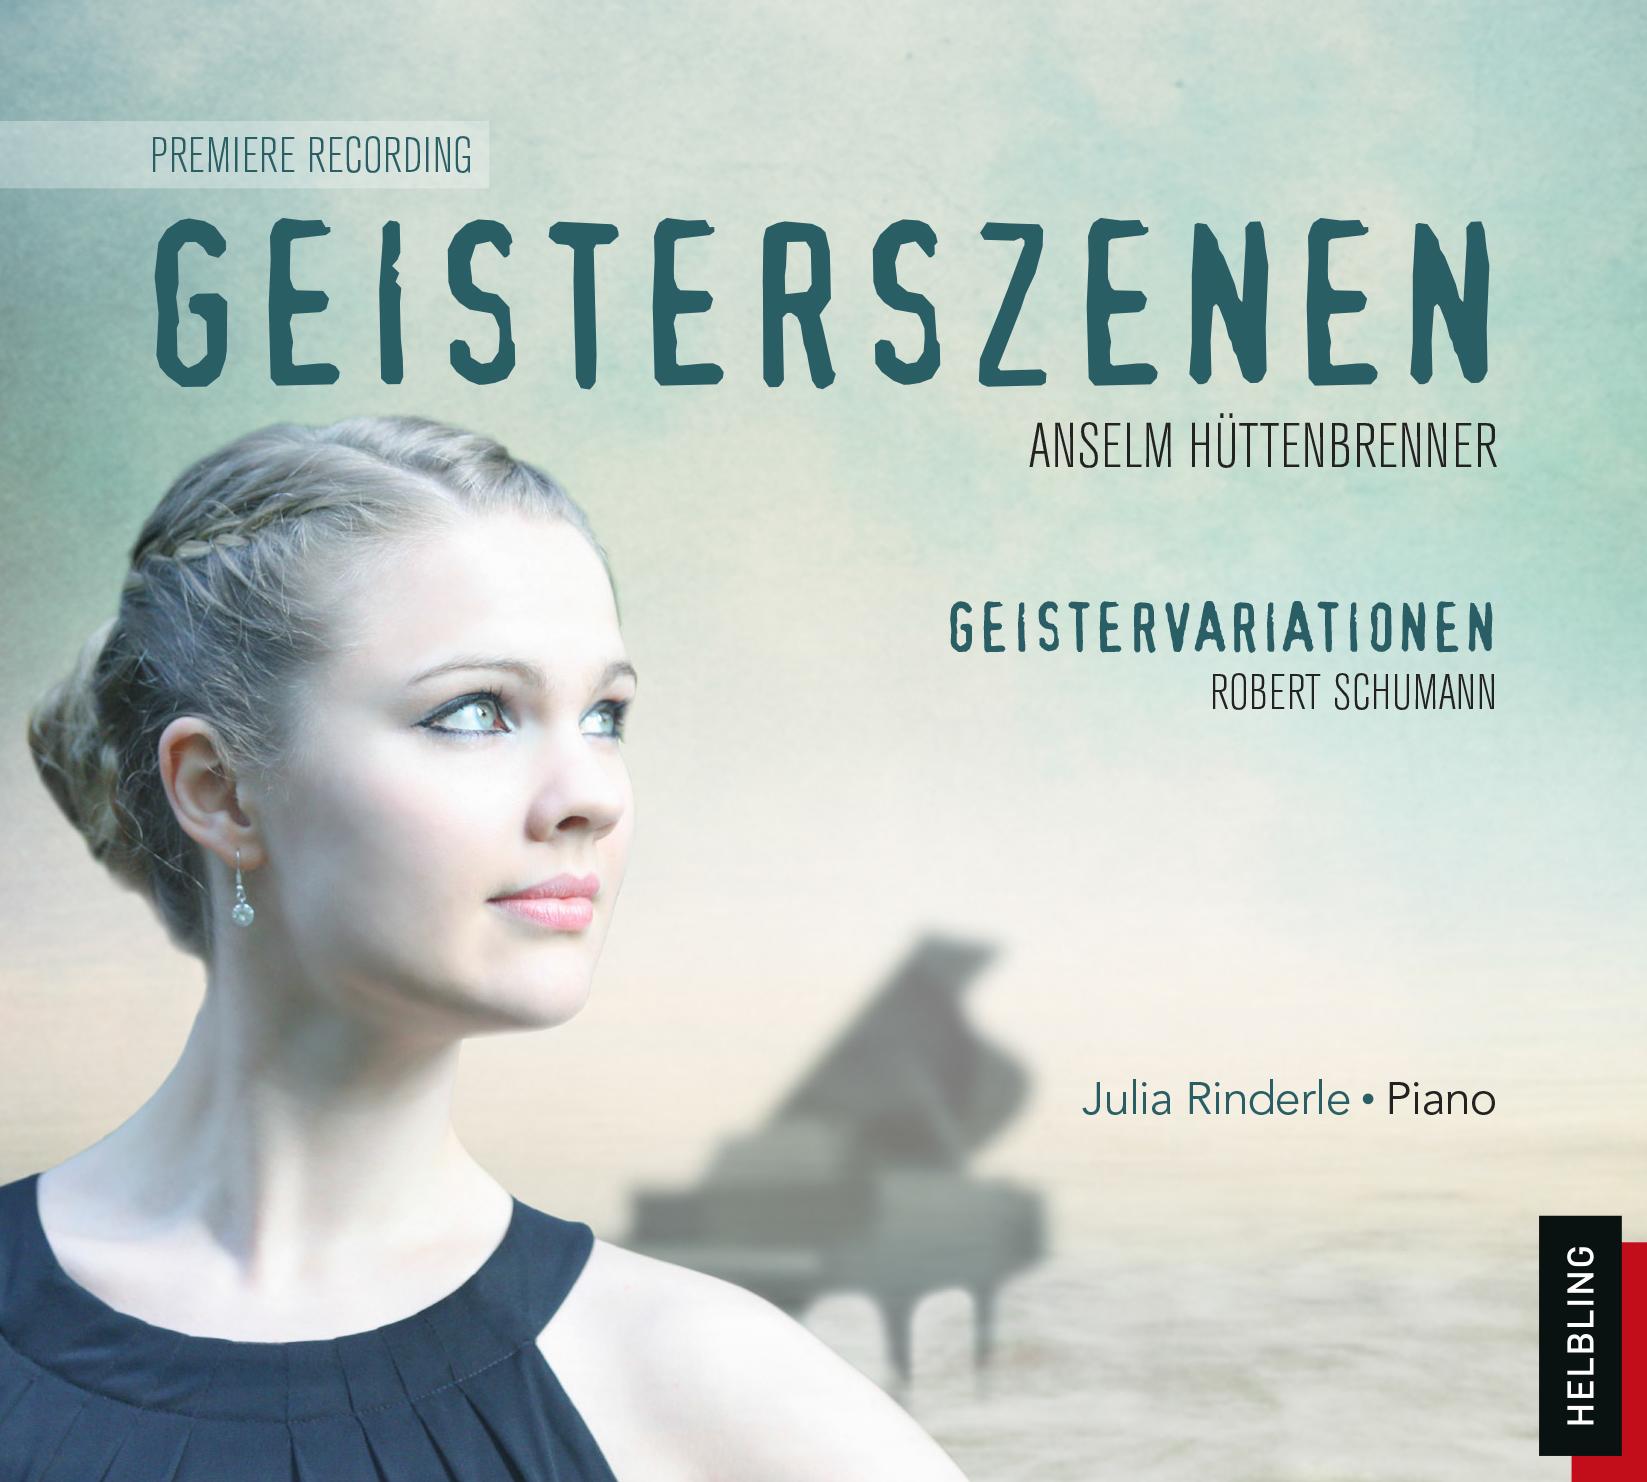 RZ_HEL_Cover CD_Geisterszenen